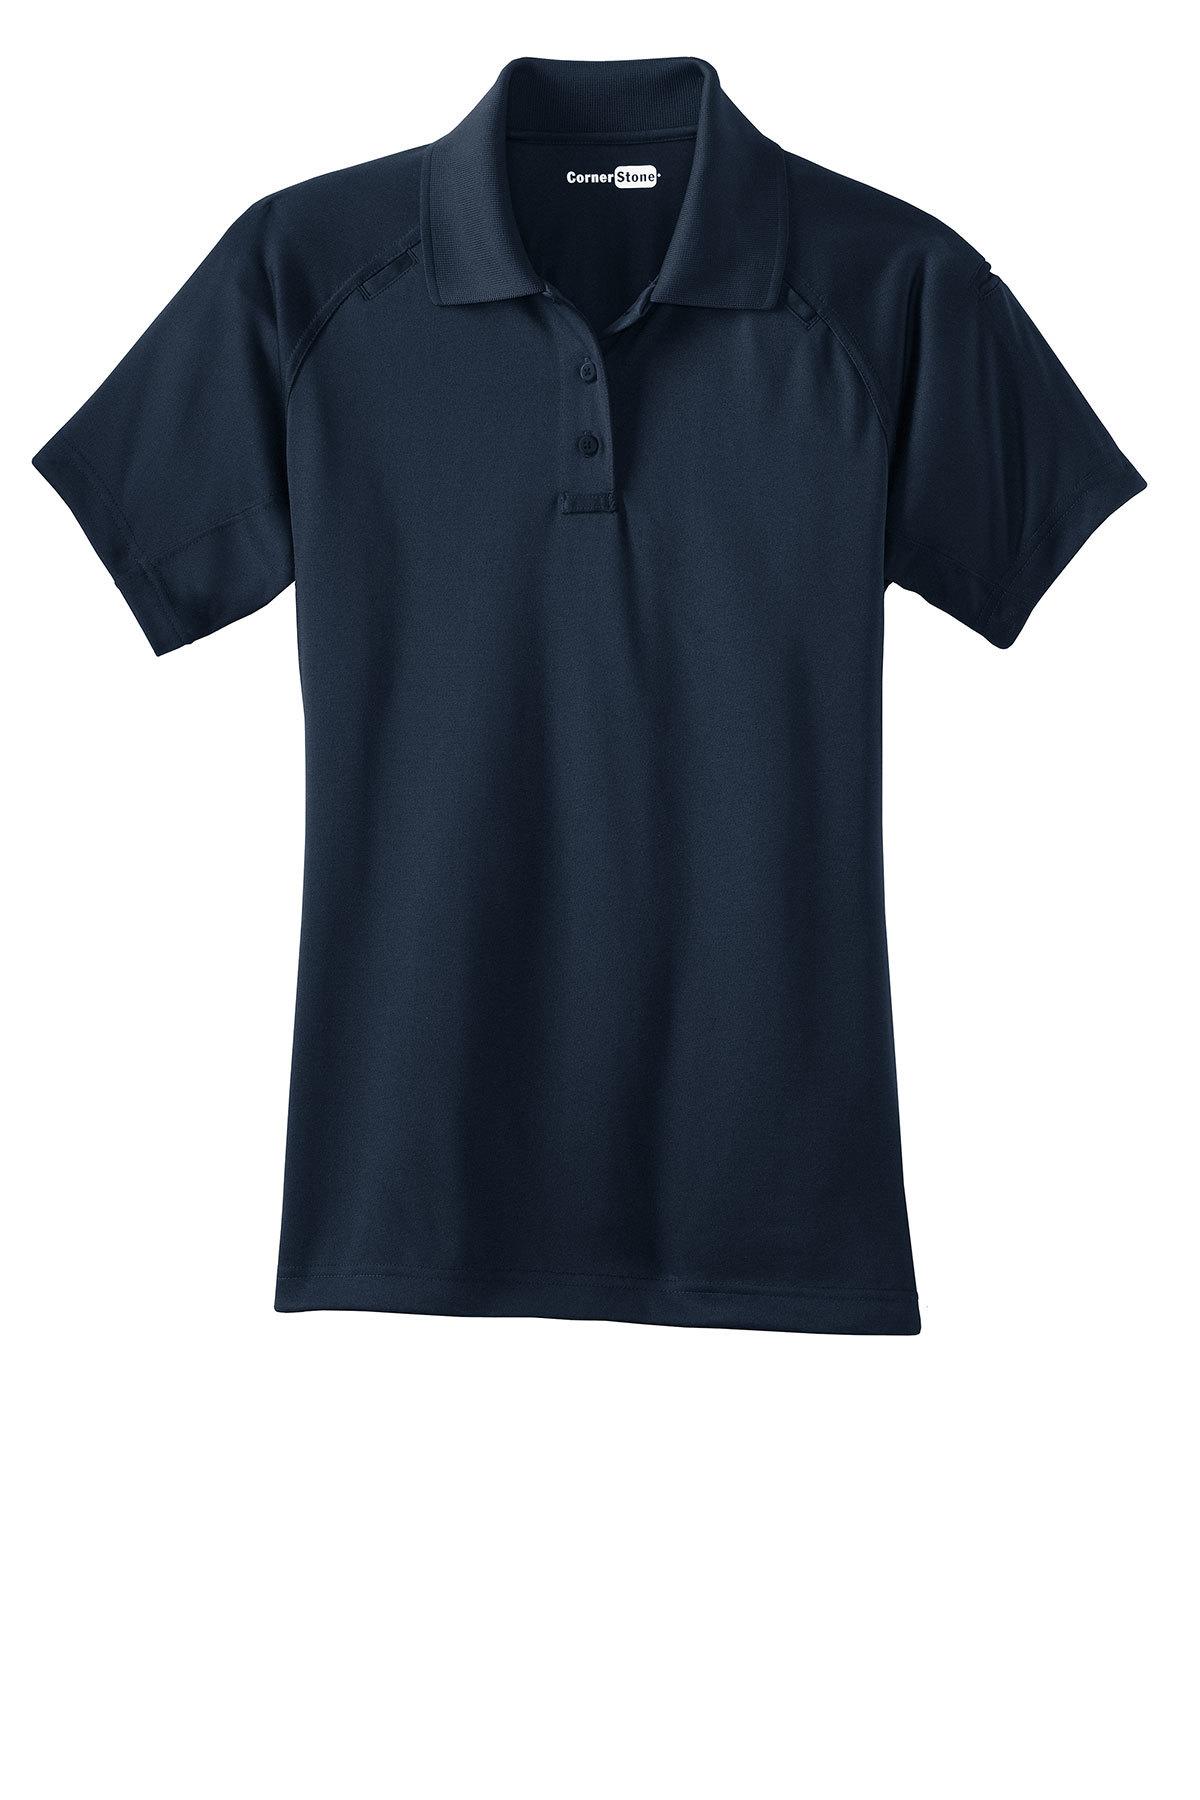 Blue Corner Polo Shirt Size Chart Azərbaycan Dillər Universiteti